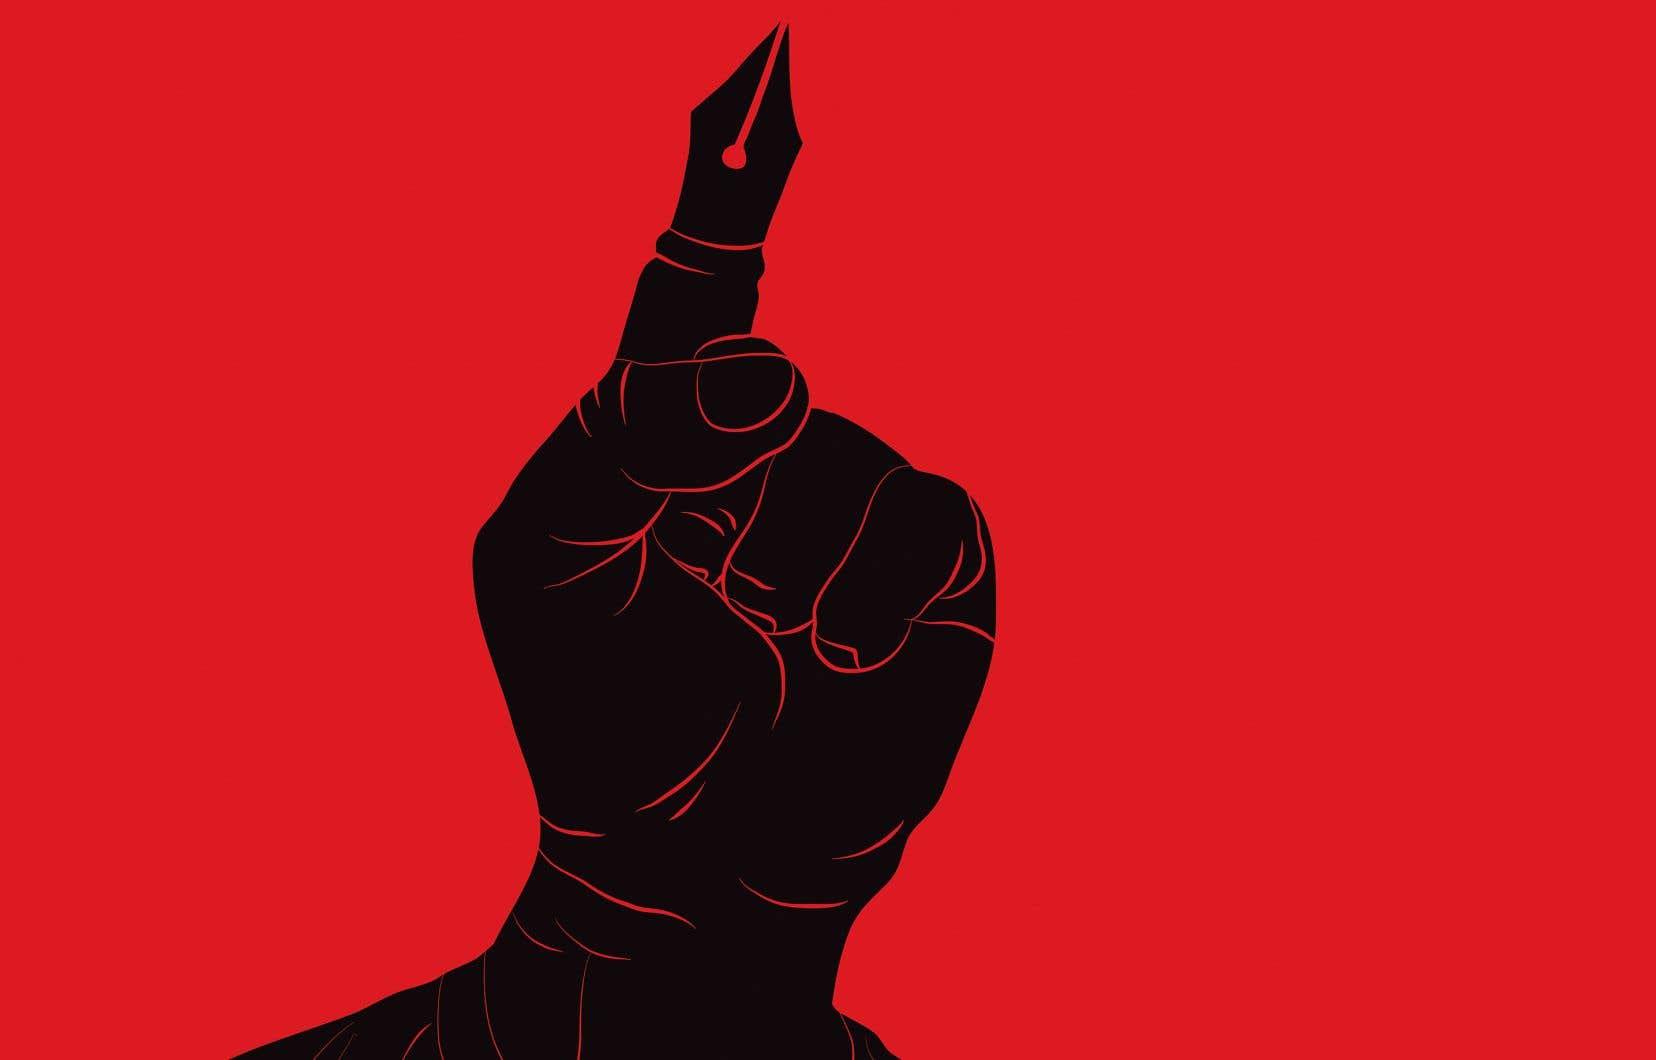 Pendant que «la démocratie repose sur la souveraineté du peuple, l'anarchisme défend la souveraineté de la personne», résume l'auteur.